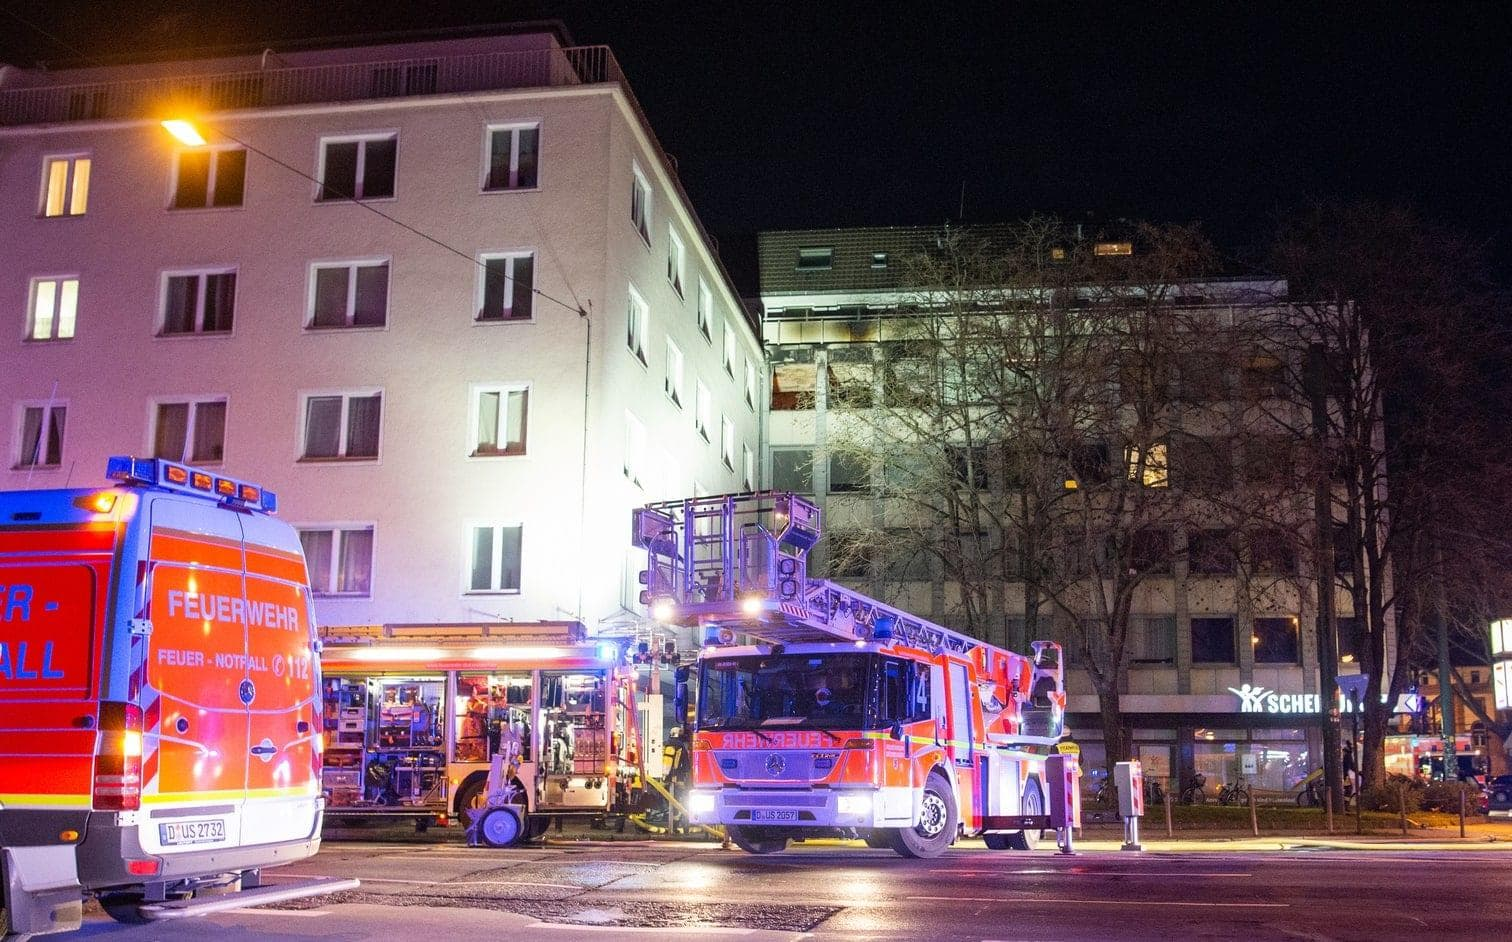 <p>Drei Verletzte und ein hoher Sachschaden sind die Bilanz eines Brandes in einem Wohn- und Geschäftshaus an der Düsseldorfer Corneliusstraße.</p> Foto: dpa/Christophe Gateau